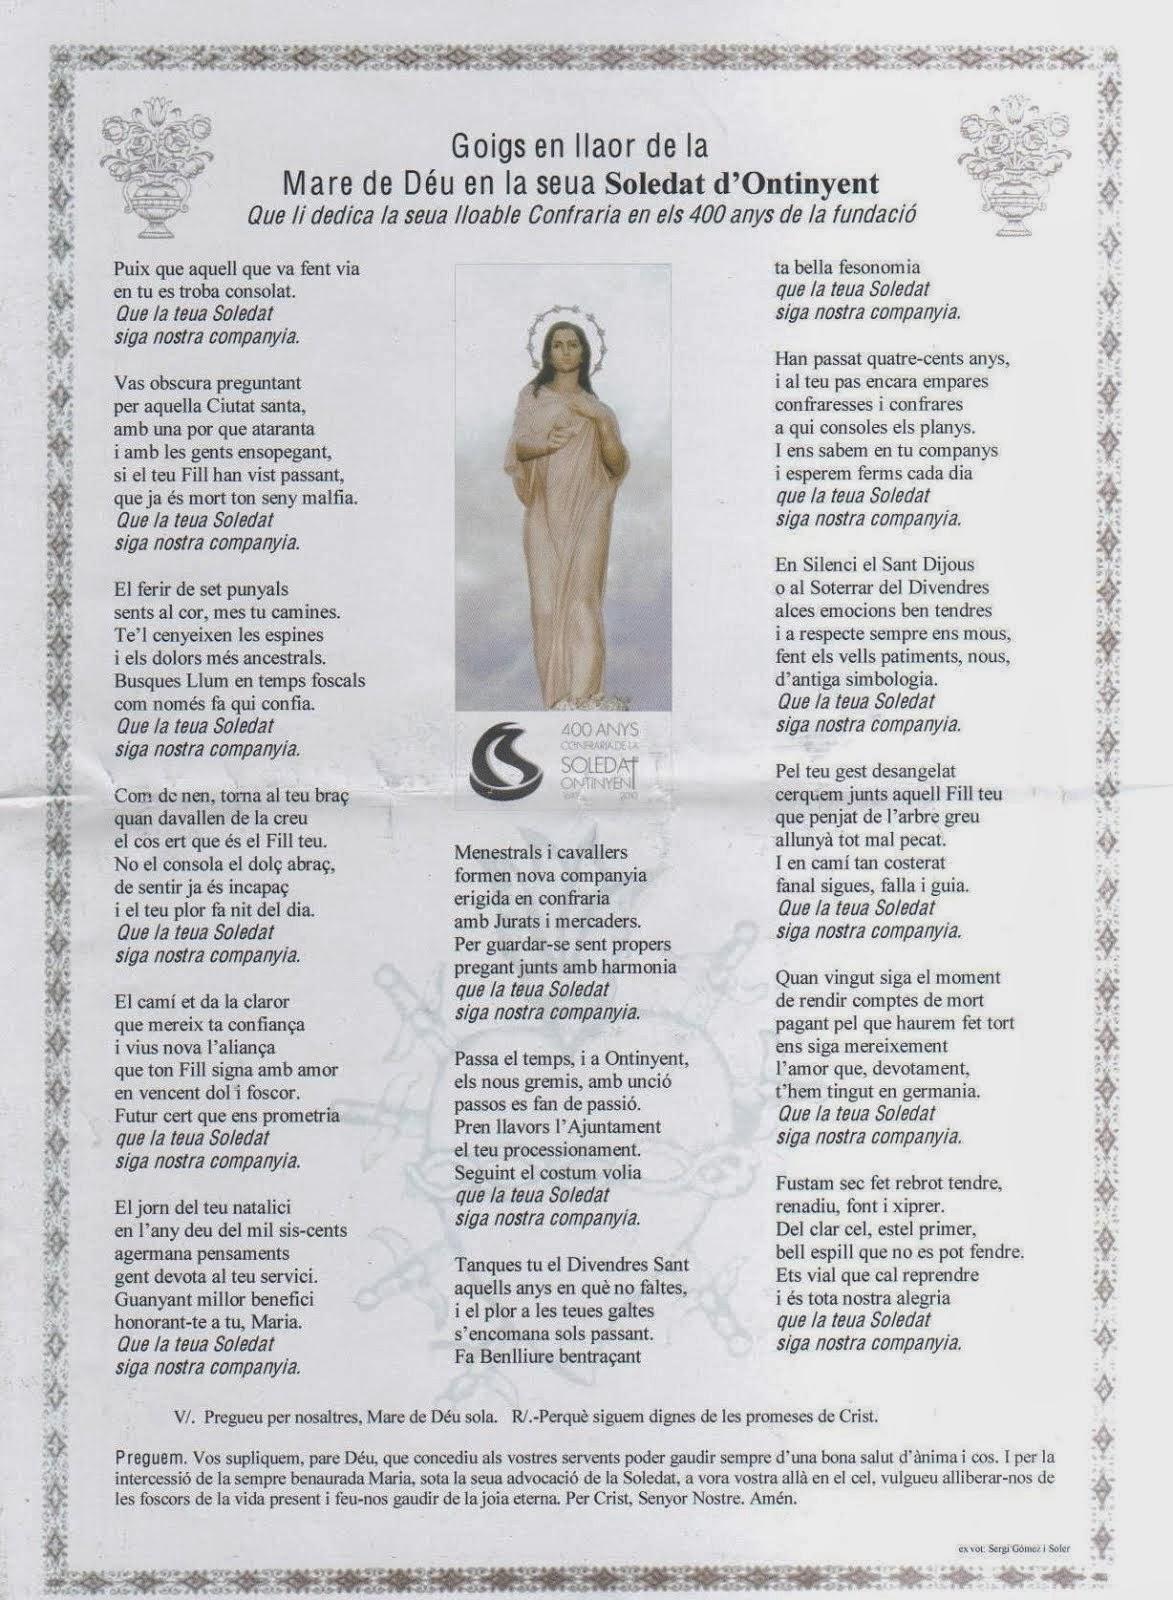 - Goigs en llaor de la Mare de Déu en la seua Soledat d'Ontinyent